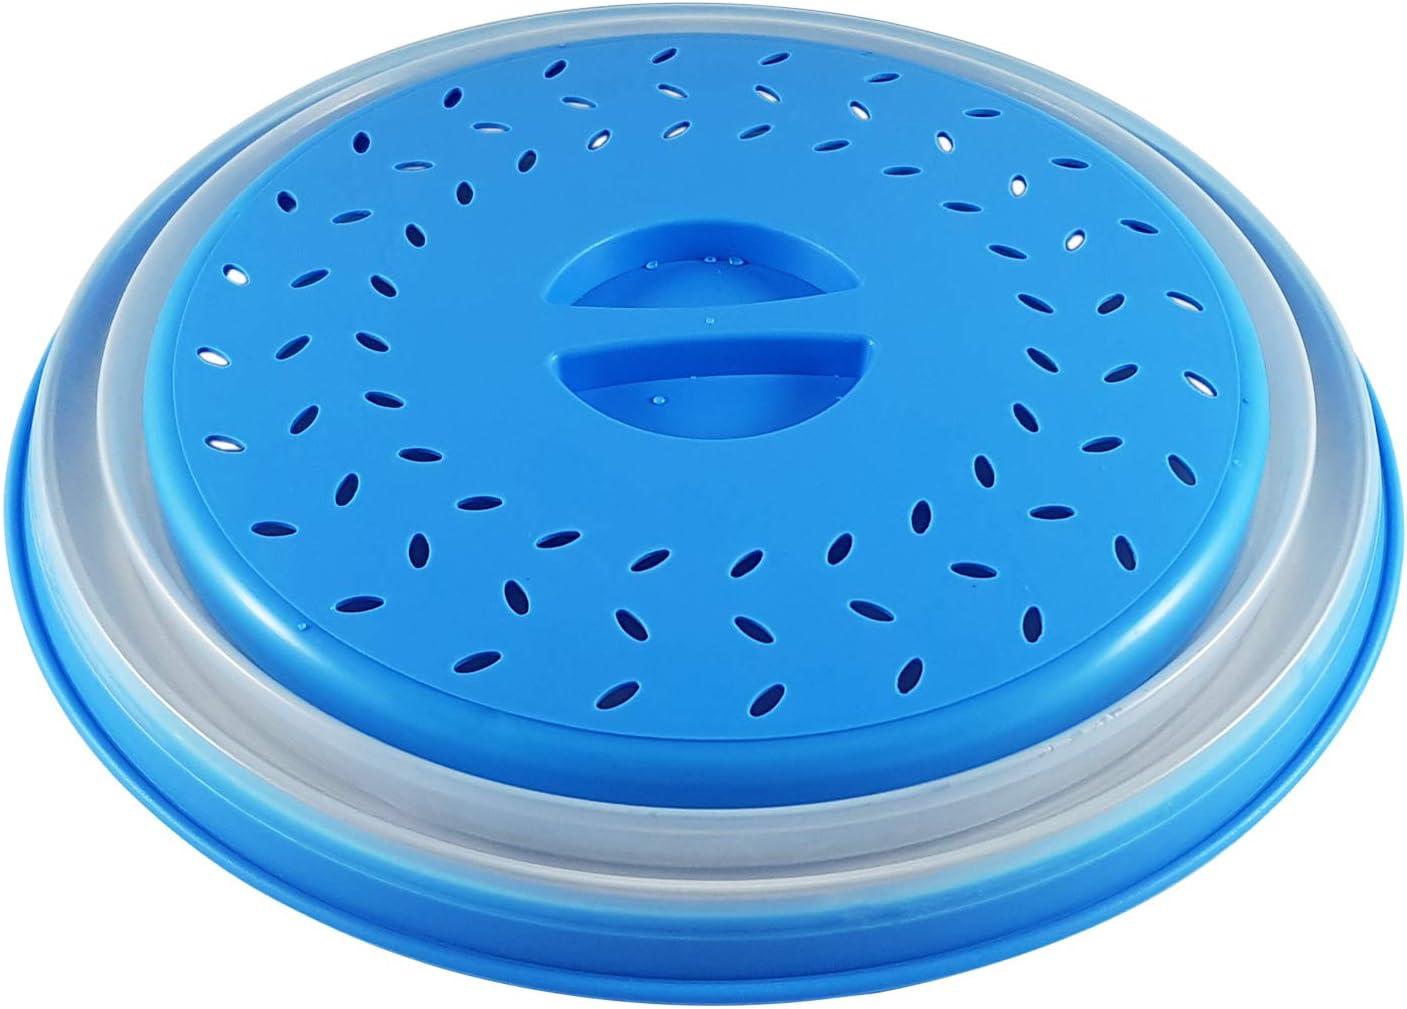 Colonel Cook- Campana de Cocina para microondas-sin BPA-✮✮GARANTÍA DE por Vida✮✮-envase para Micro-Ondas 3 en 1-Campana para microondas retráctil, Anti-Vapor y con función colador